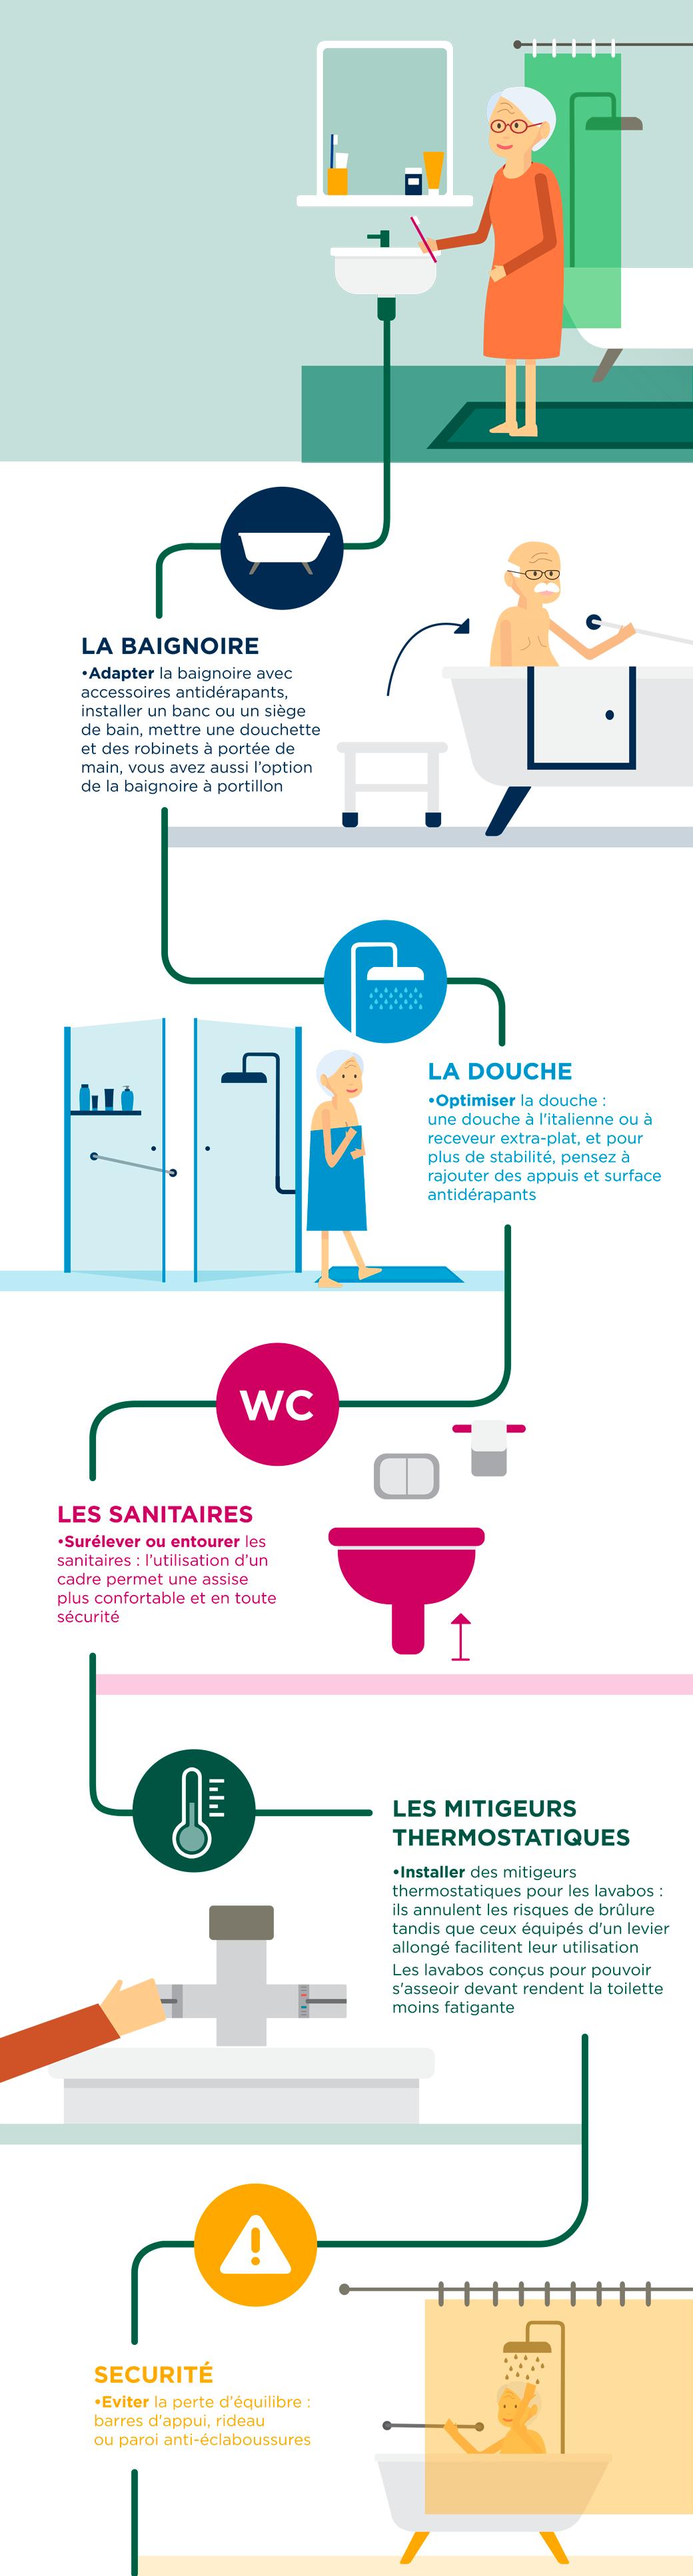 Aménagement de la salle de bains : une priorité chez les personnes âgées